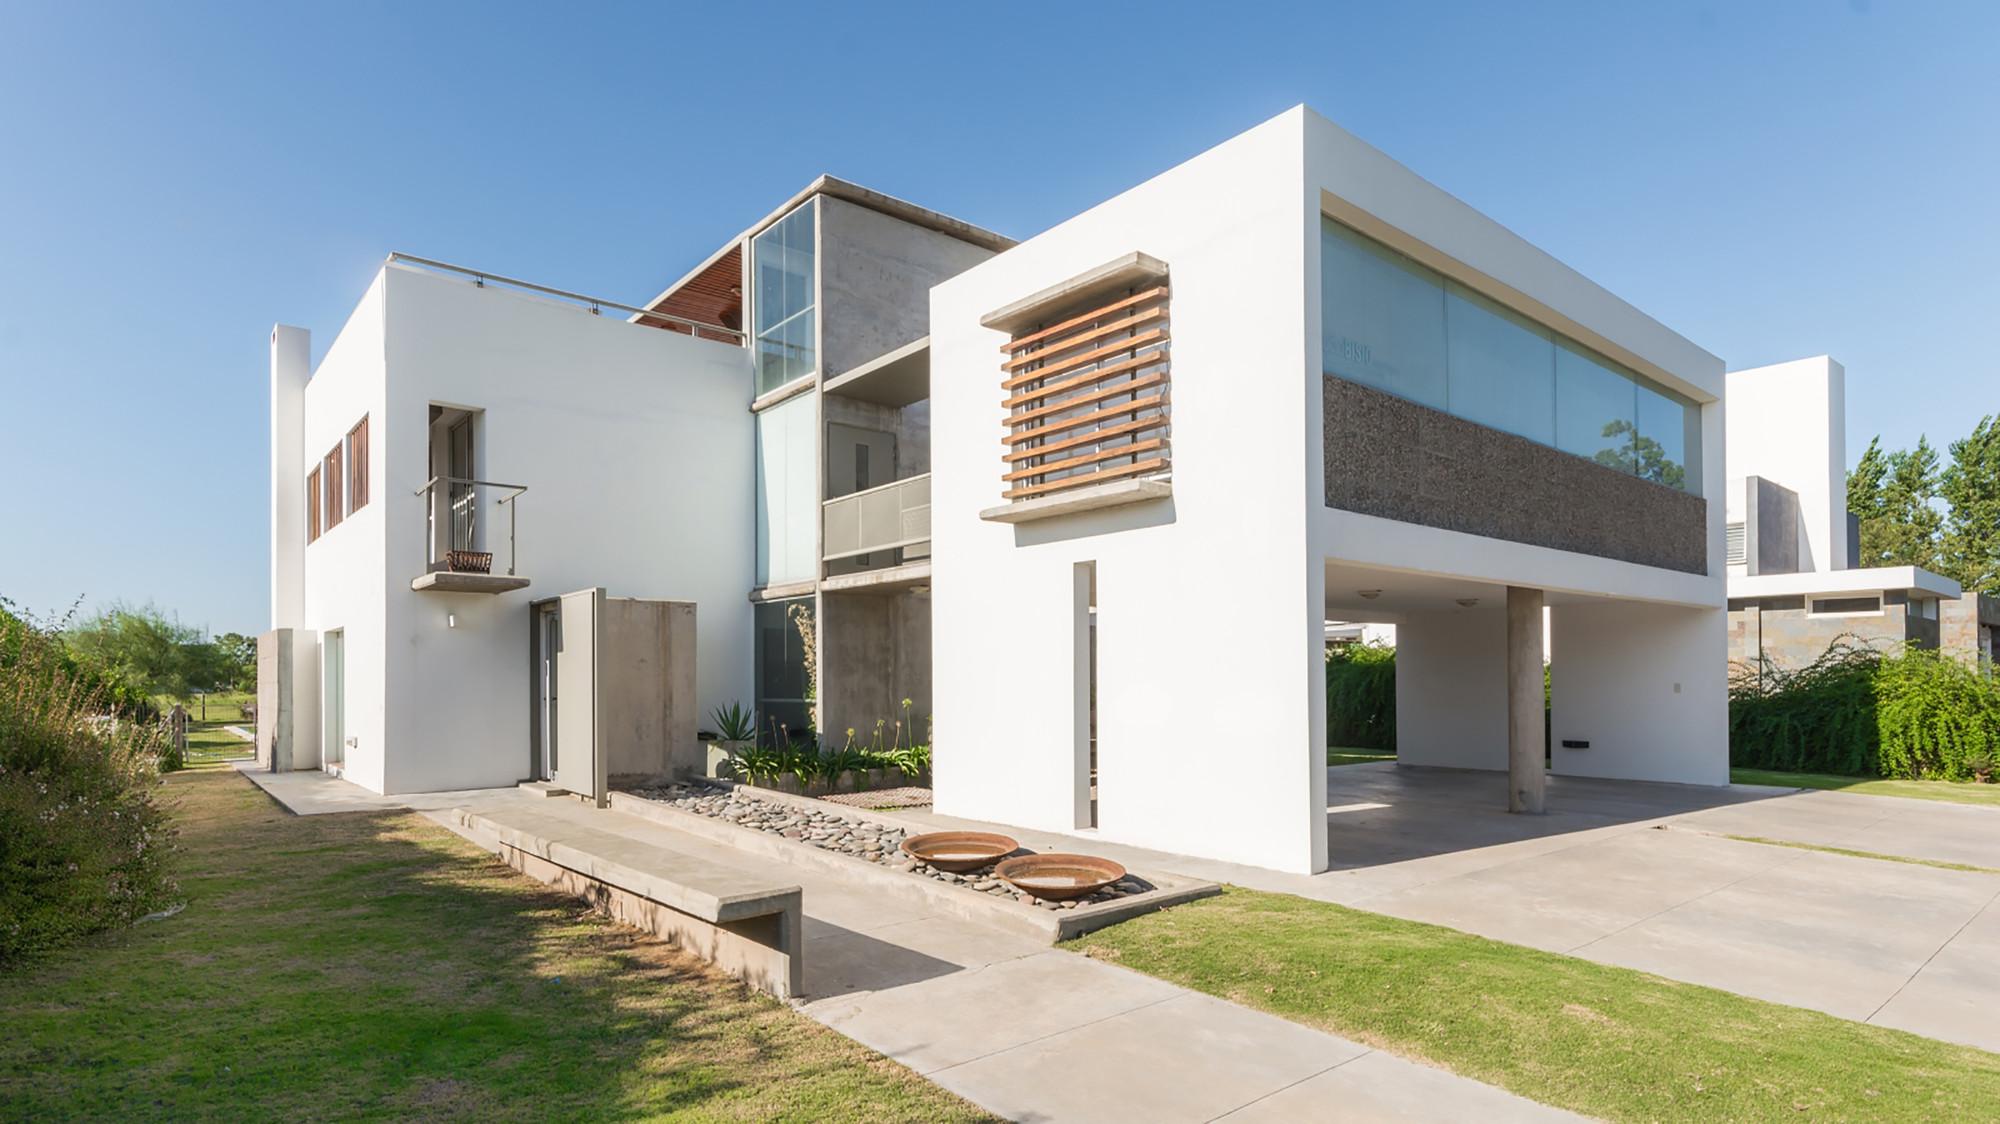 Galeria de casa la santina bisio arquitectos 10 for Colores claros para casas